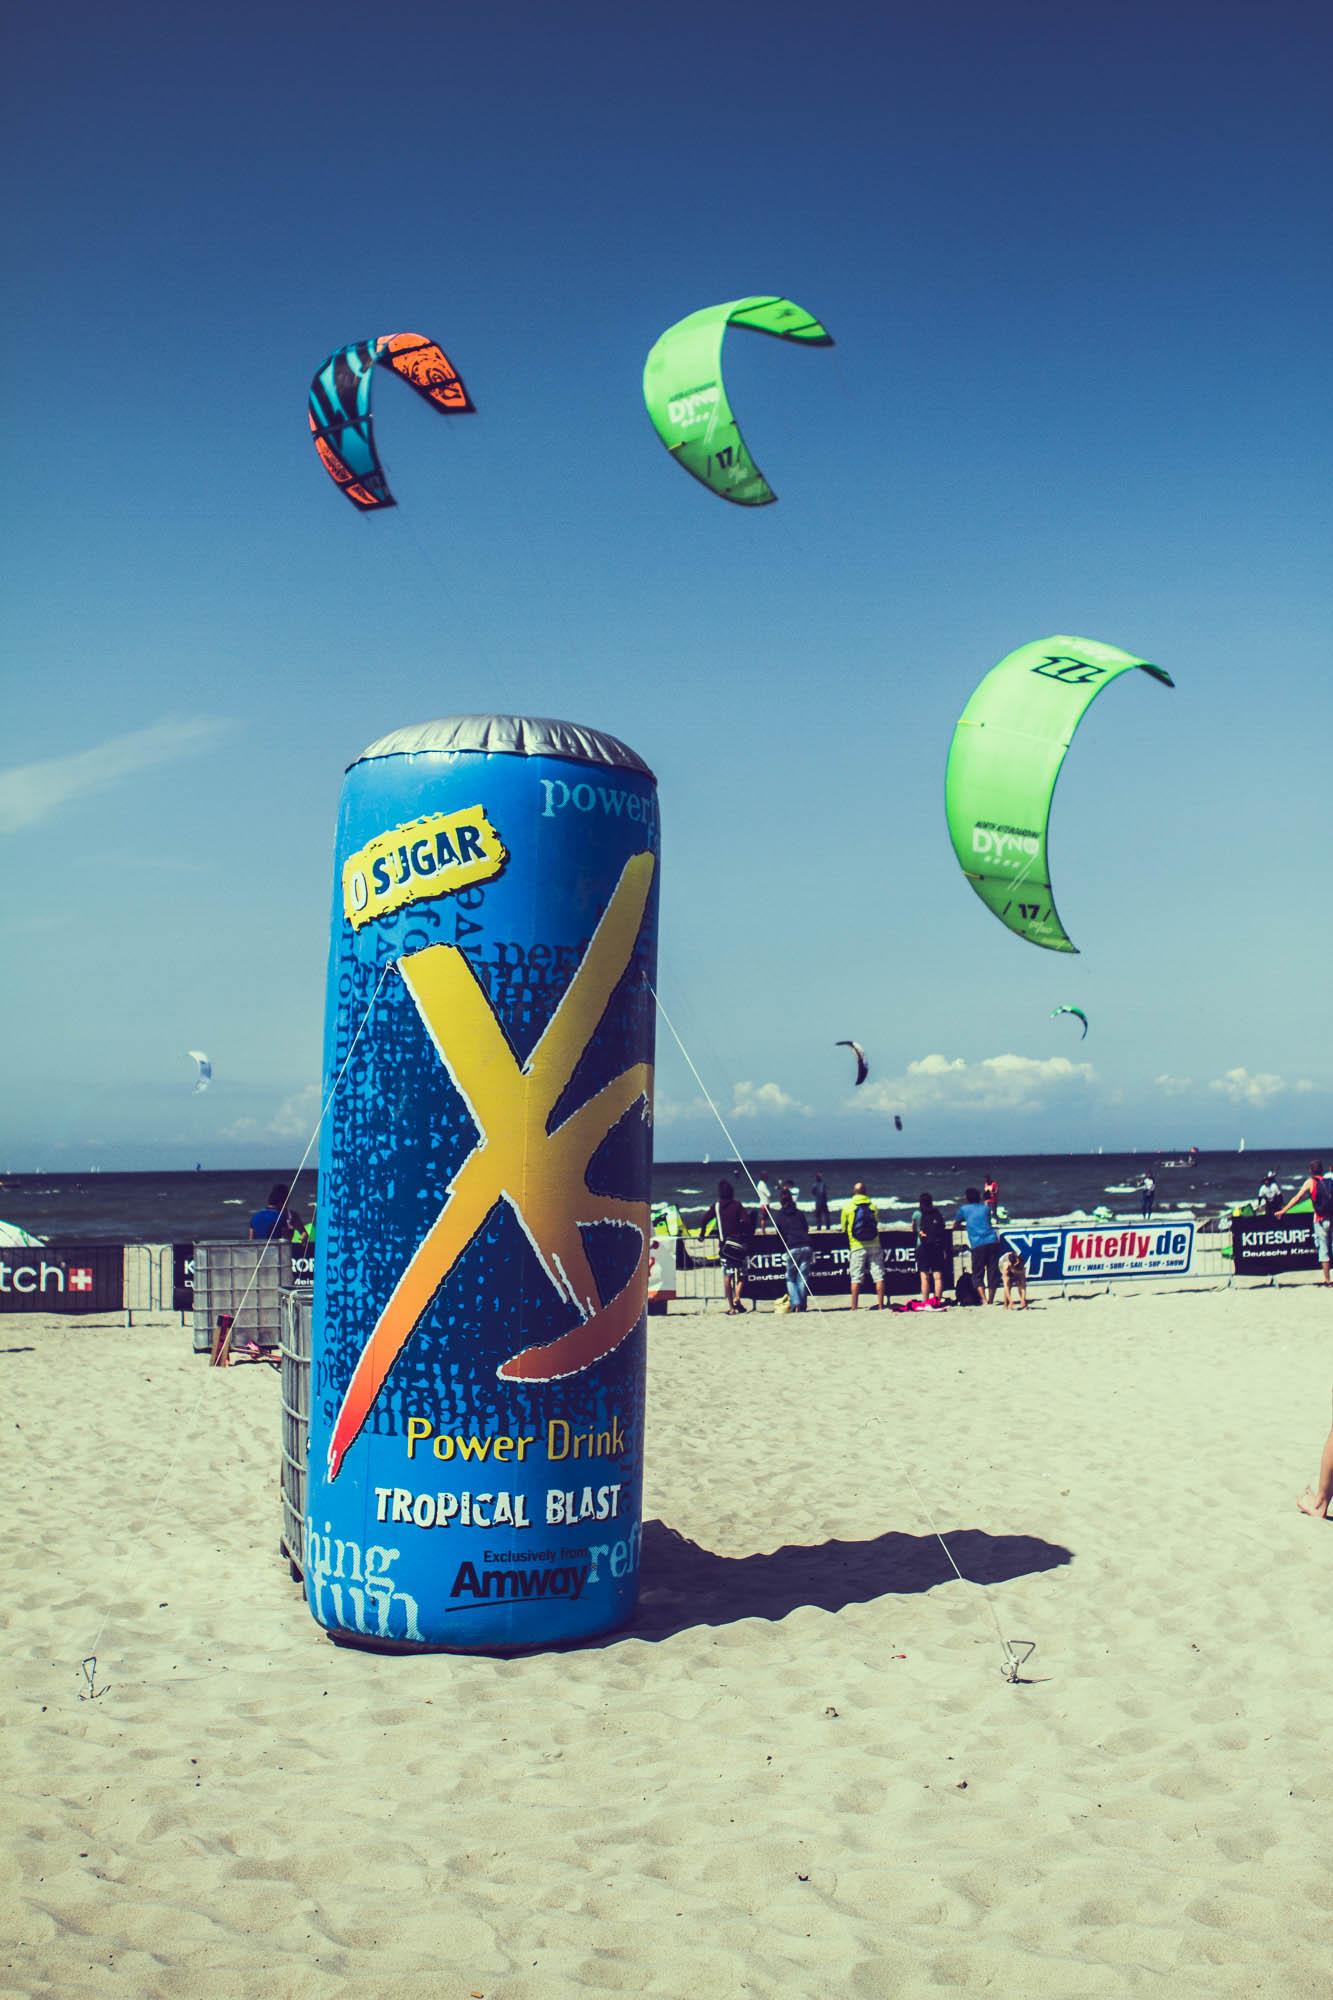 Im Zeichen der Kites: XS Powerdrink ist Sponsor der Kite Surf Trophy 2013